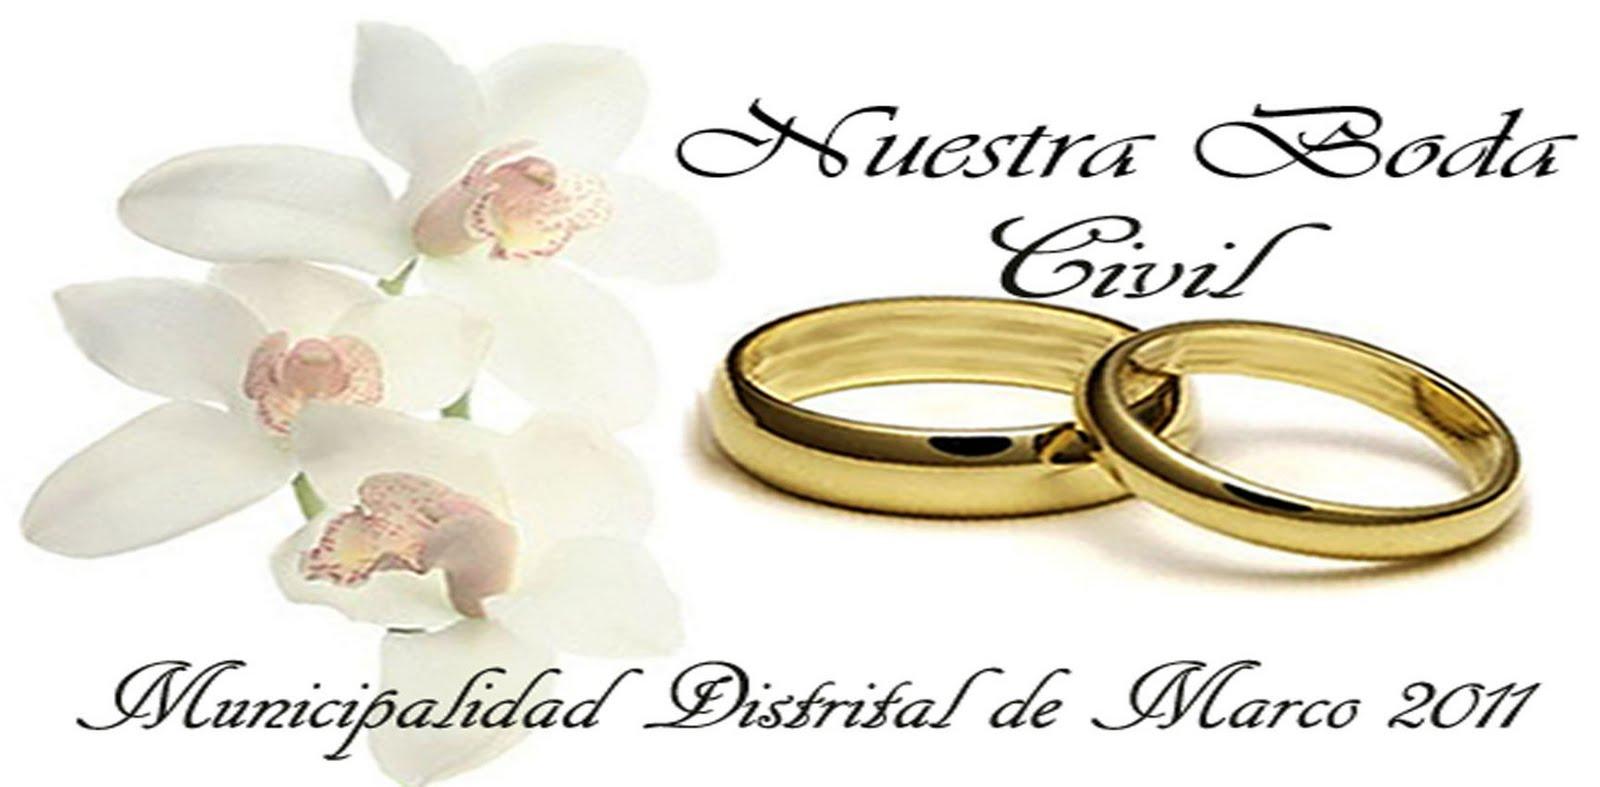 Poemas Para Matrimonio Catolico : Poemas para bodas religiosas